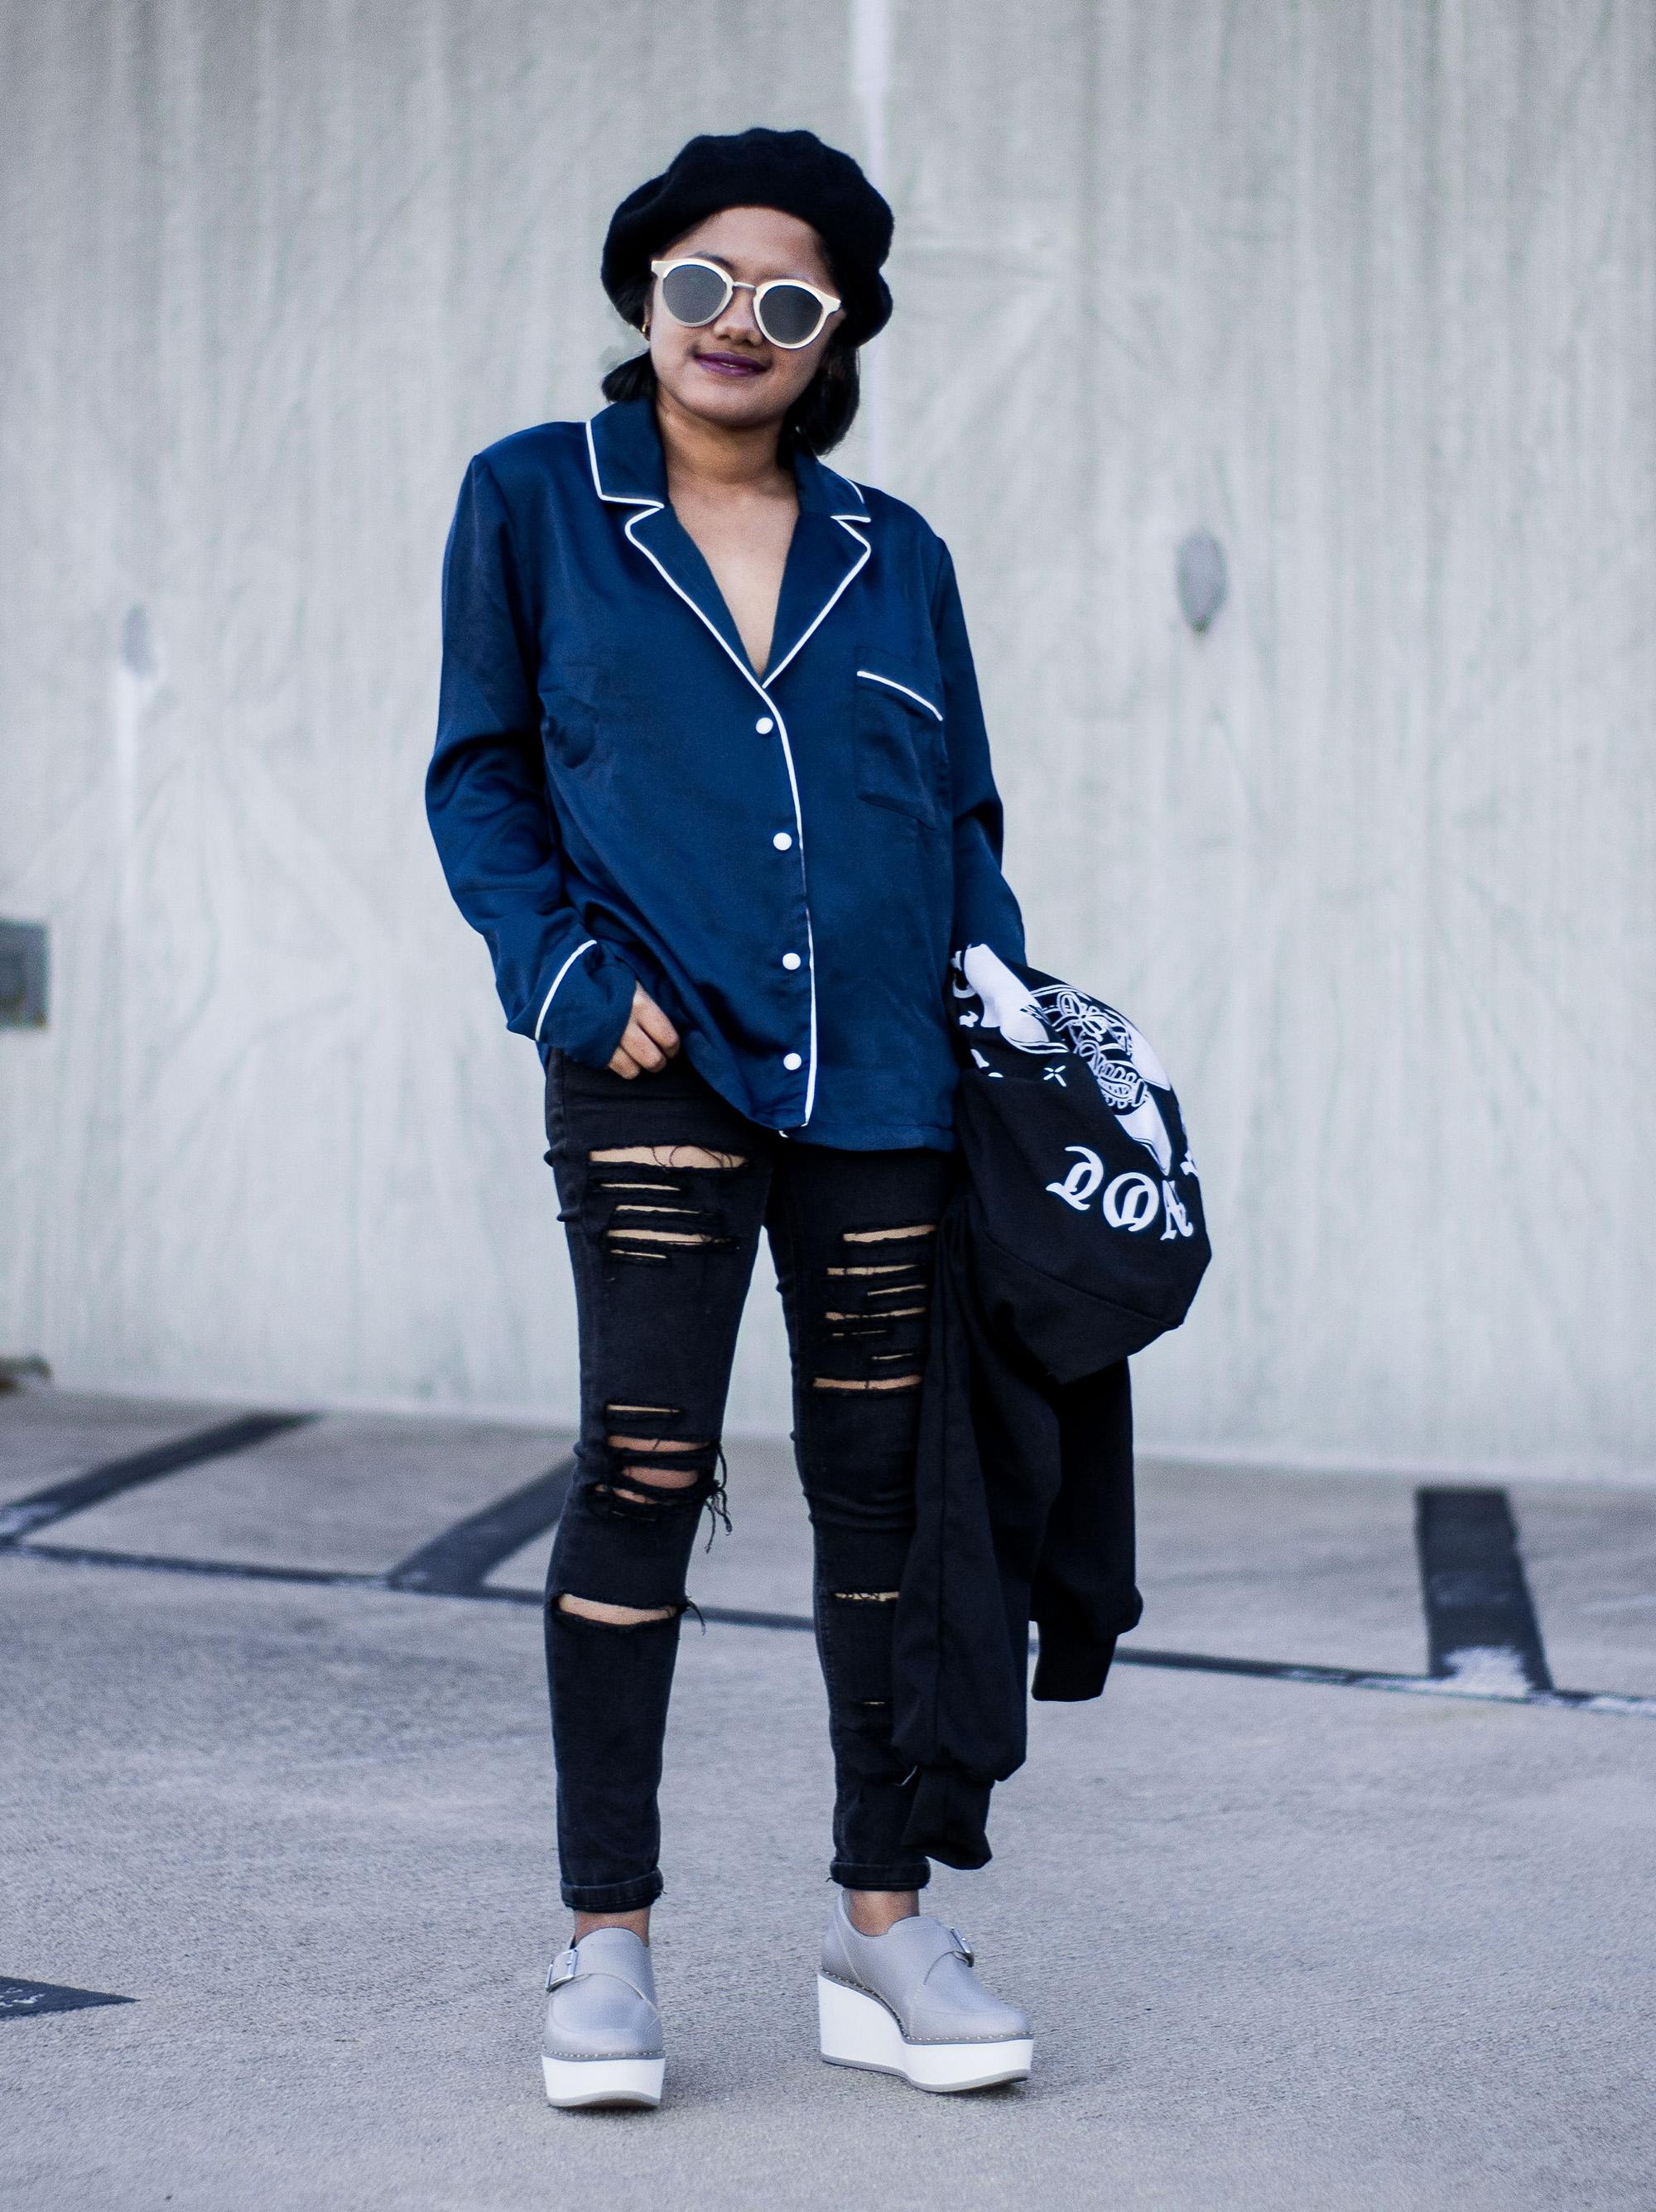 Missguided Navy Pajama Shirt - Ryan Gosling Style with Zara Grey Bluchers